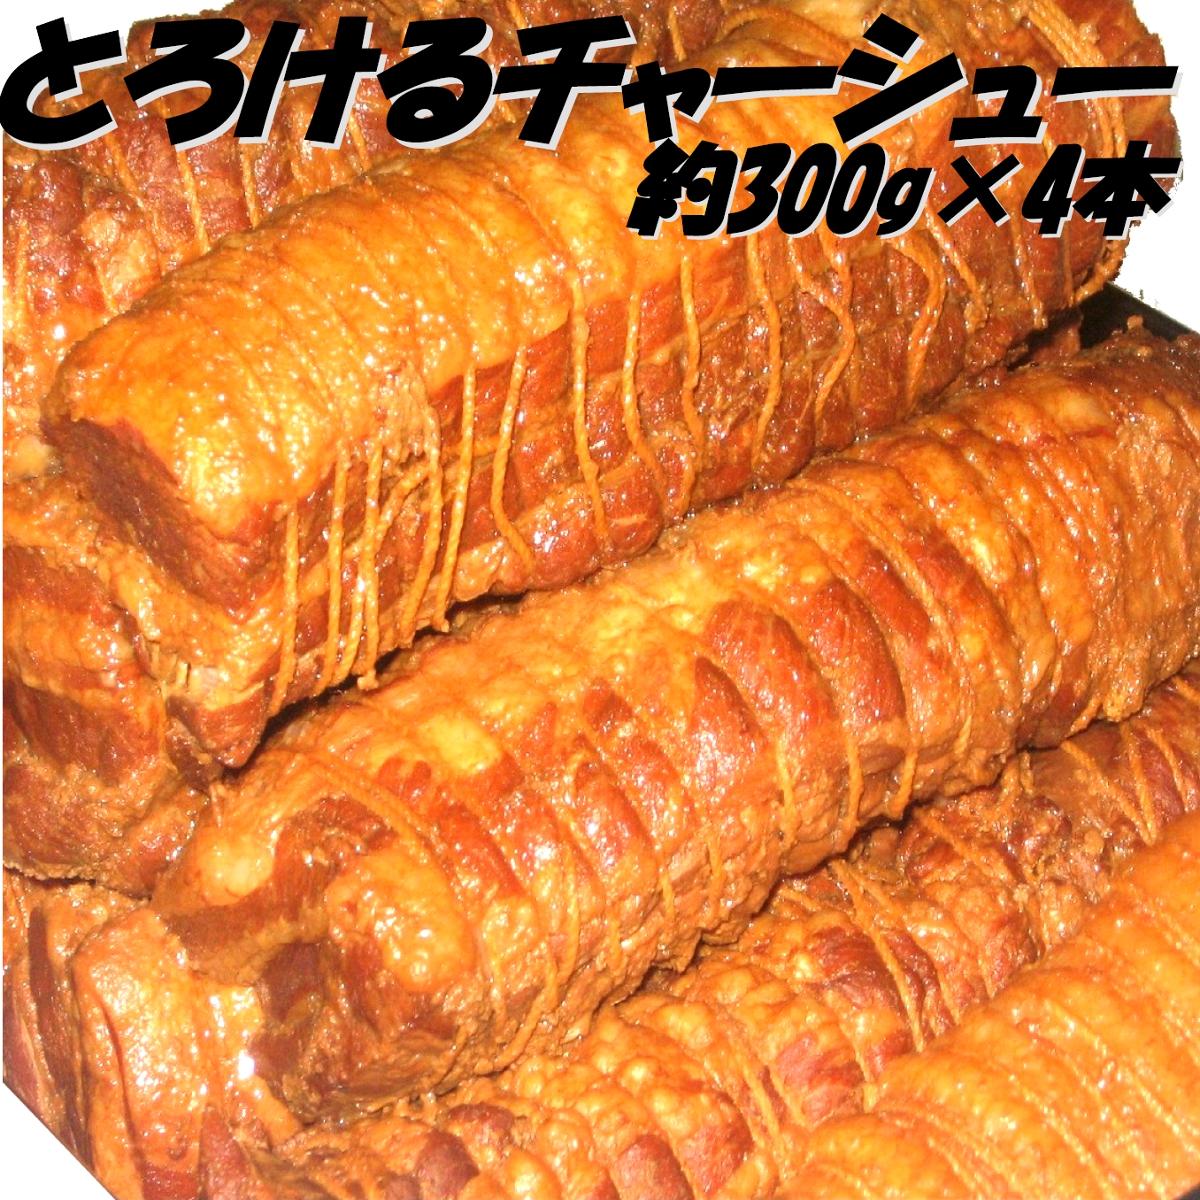 デイリーランキング1位獲得 ZIP とくダネなどたくさんの取材が来ました プロも使うリピーター続出のとろけるチャーシュー 安売り 送料無料 中華専門店みんみんのプロも使うとろけるチャーシュー300g×4本 焼豚 煮豚 のし おせち ラーメン チャーハン 日本産 お歳暮